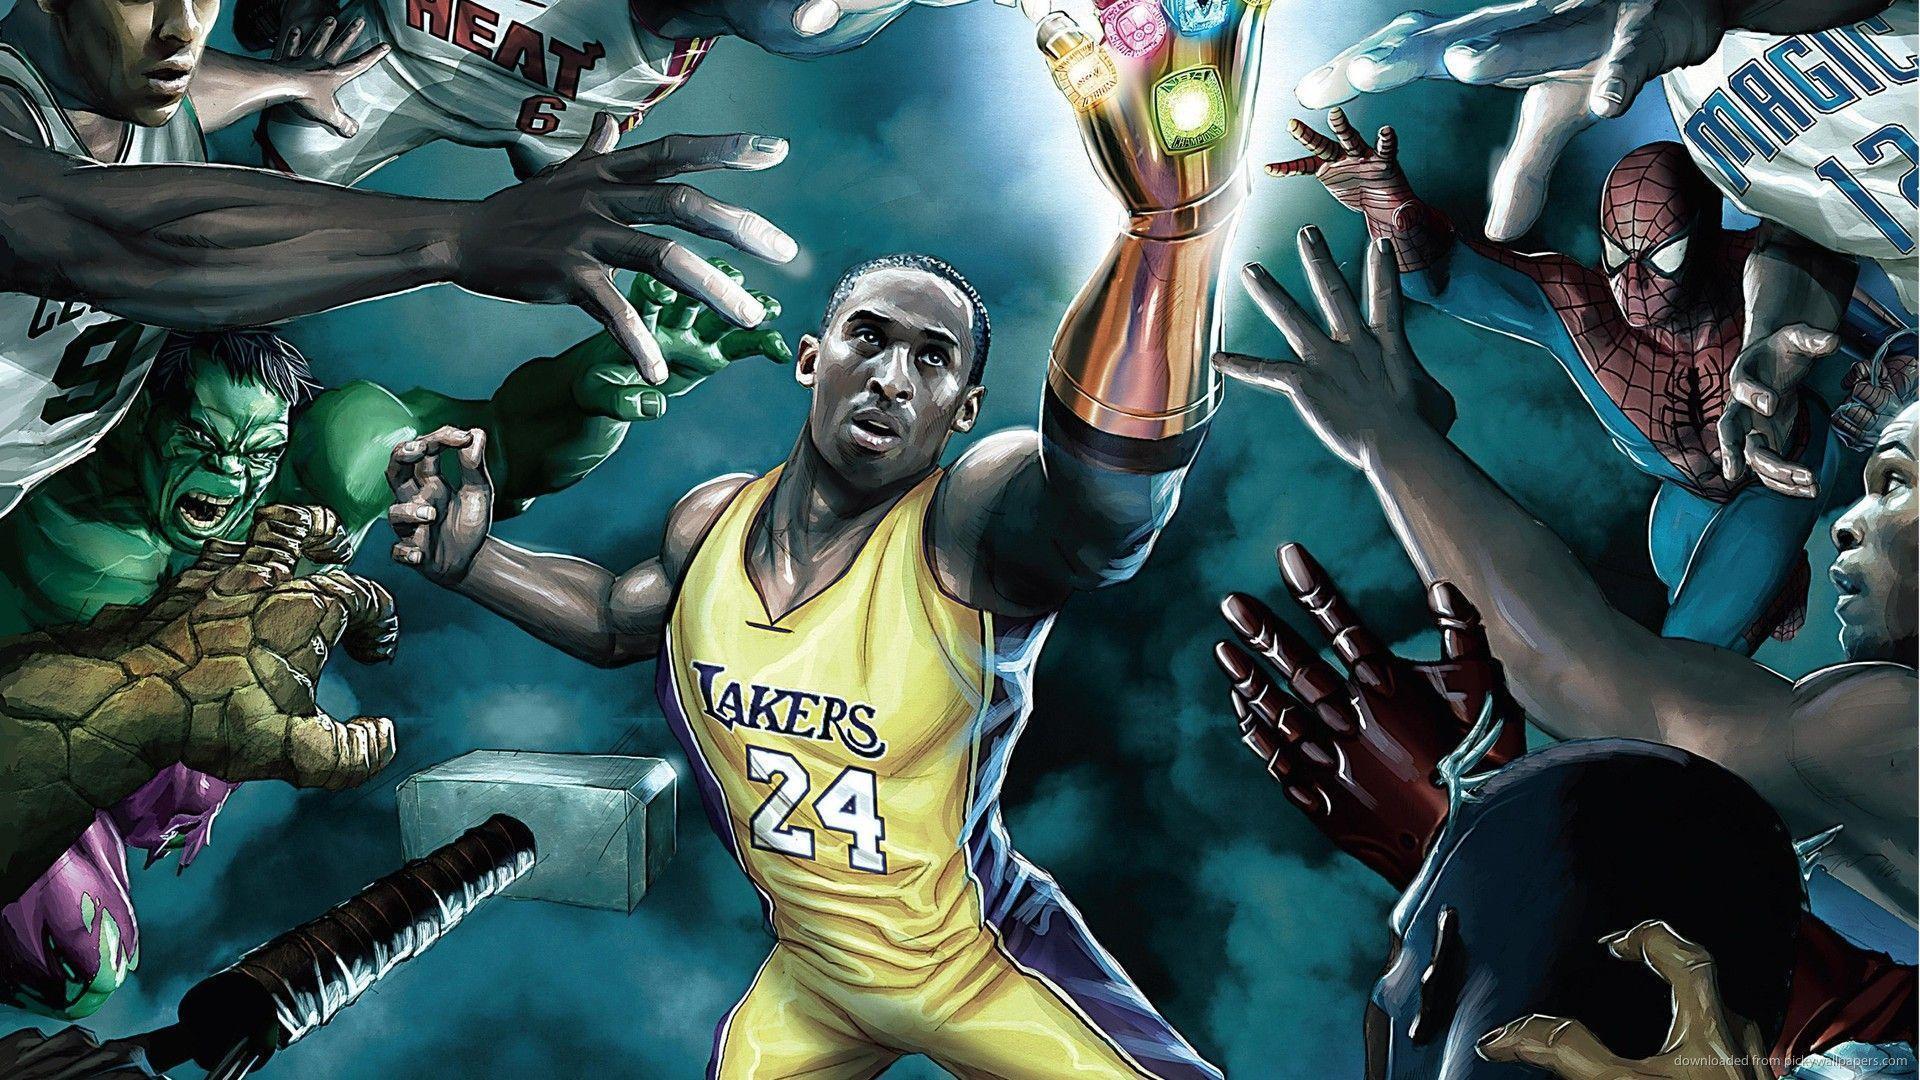 Marvel NBA Kobe Bryant Wallpaper For PSP